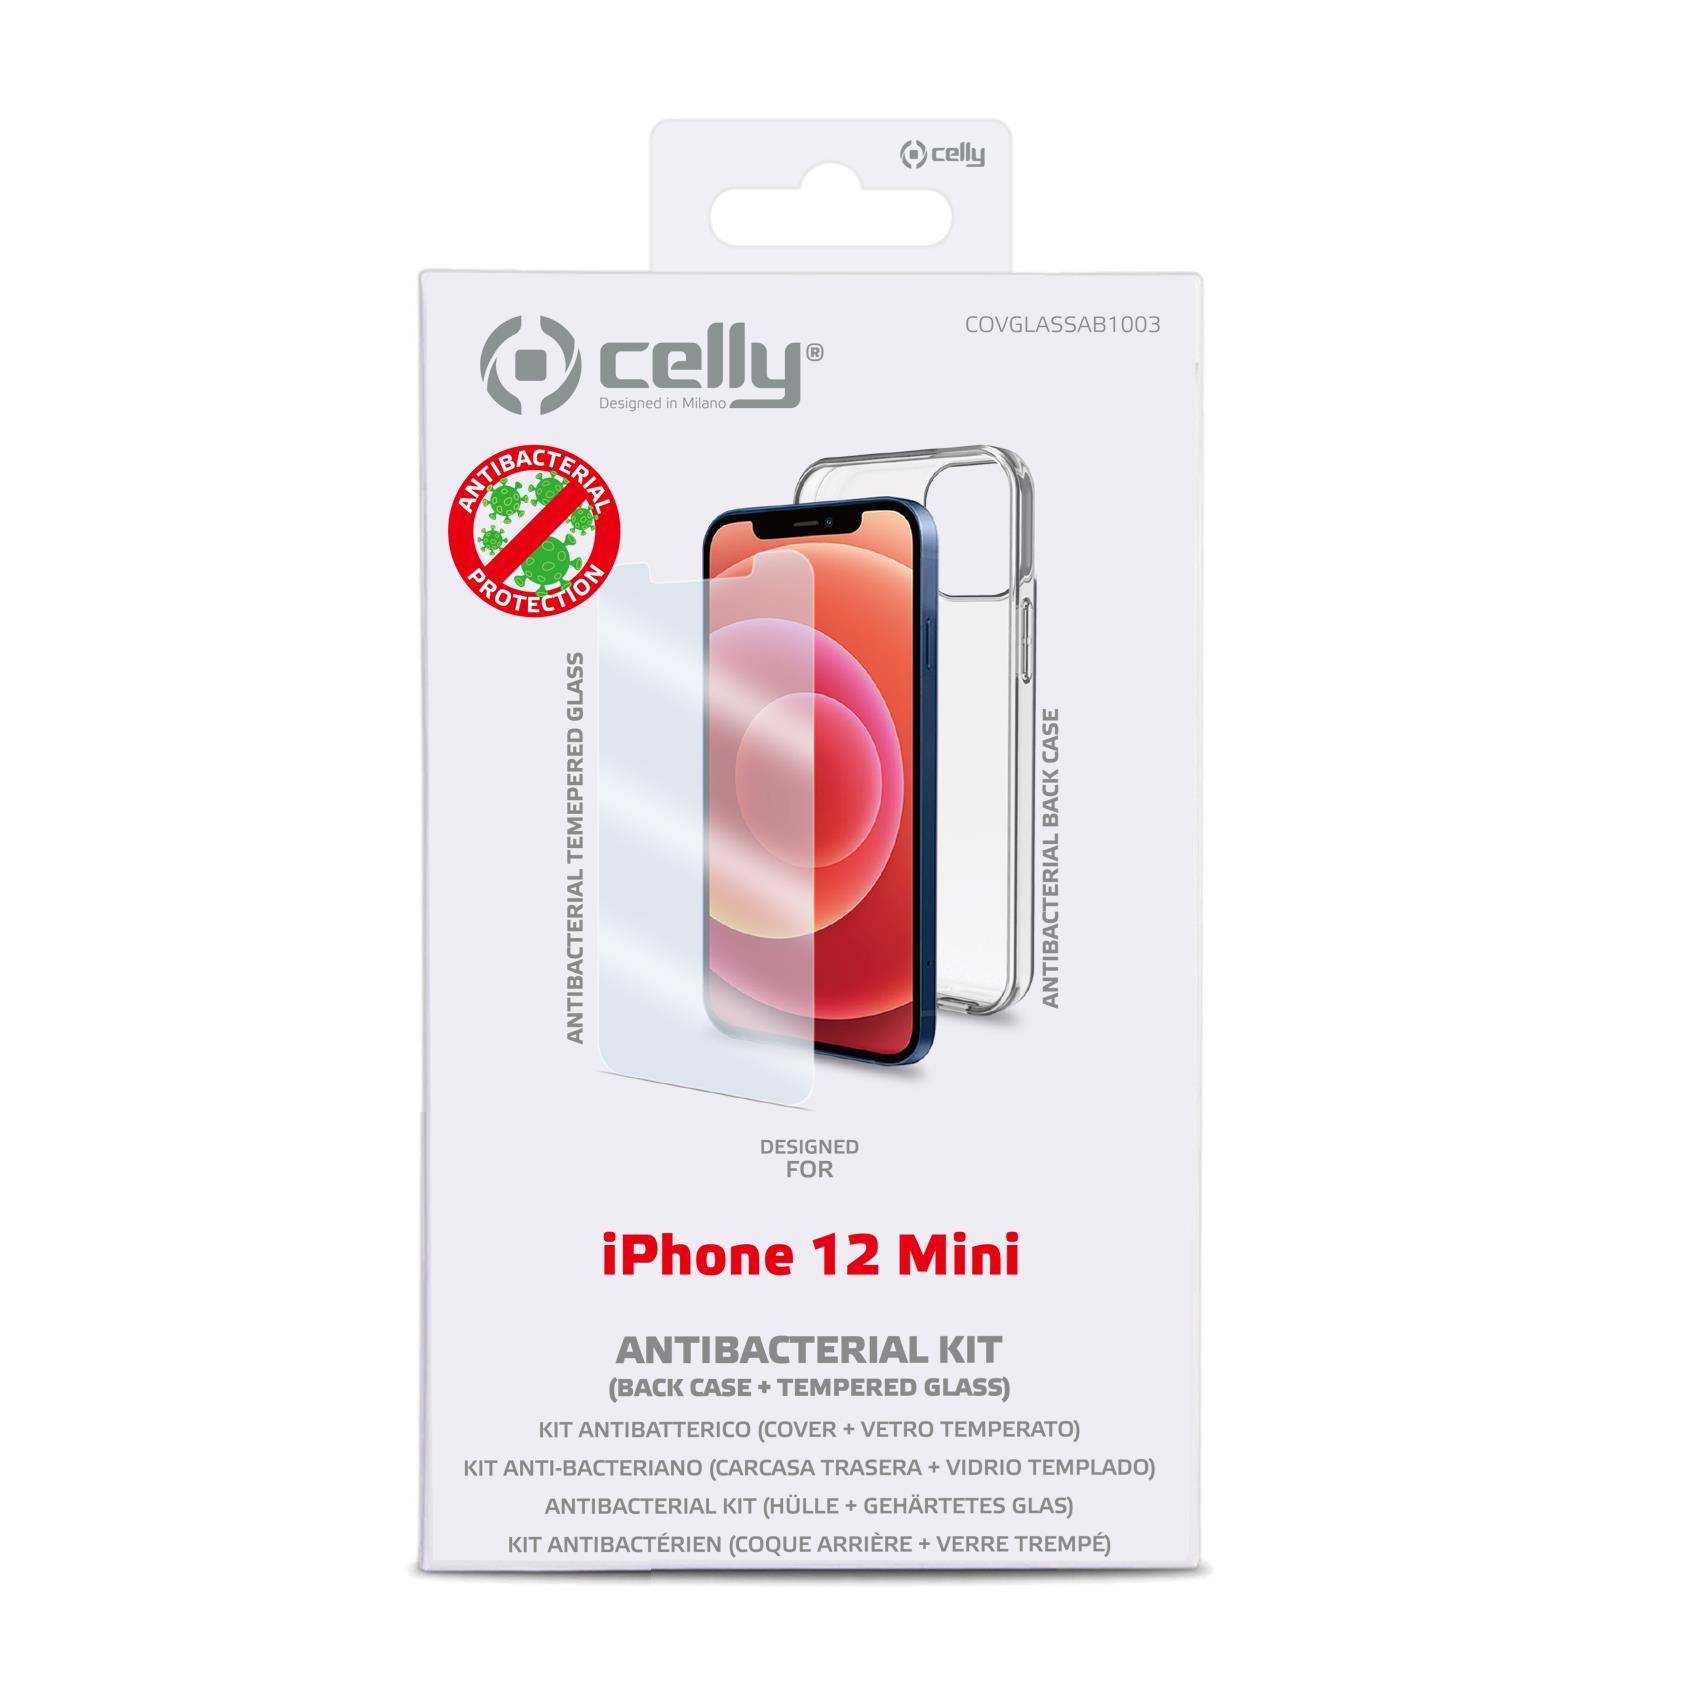 COVGLASSAB - iPhone 12 Mini